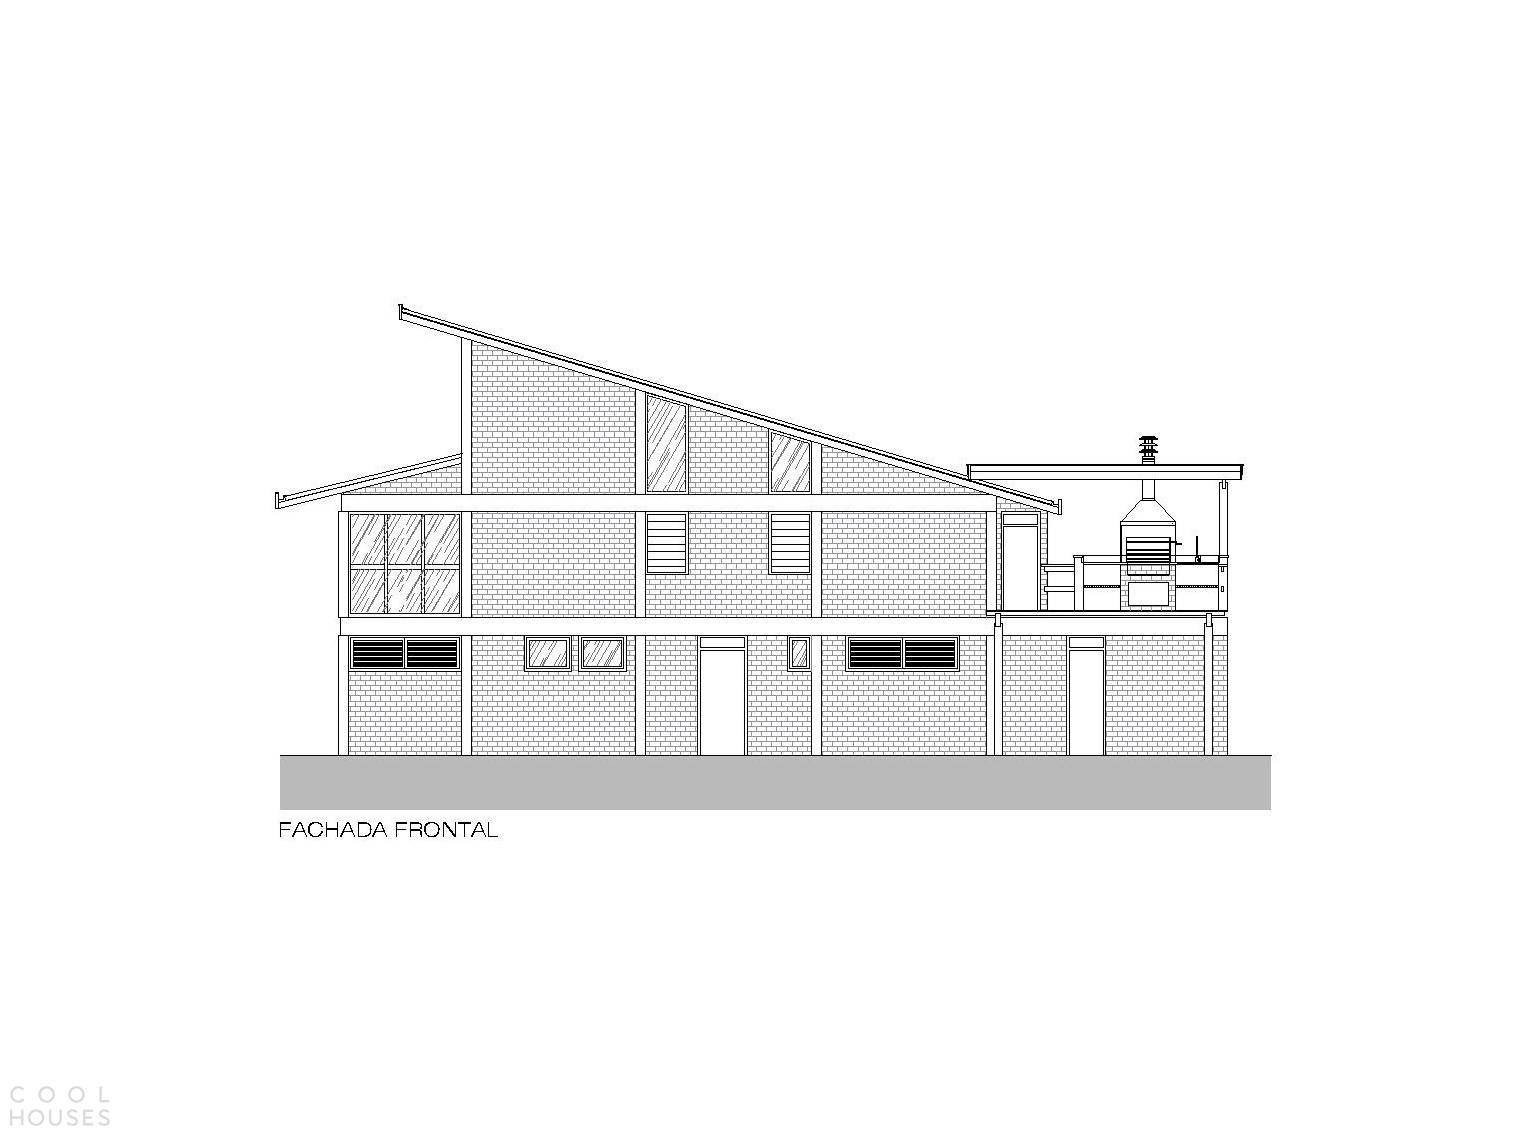 Семейный дом с удобной планировкой и уютным жизнерадостным интерьером